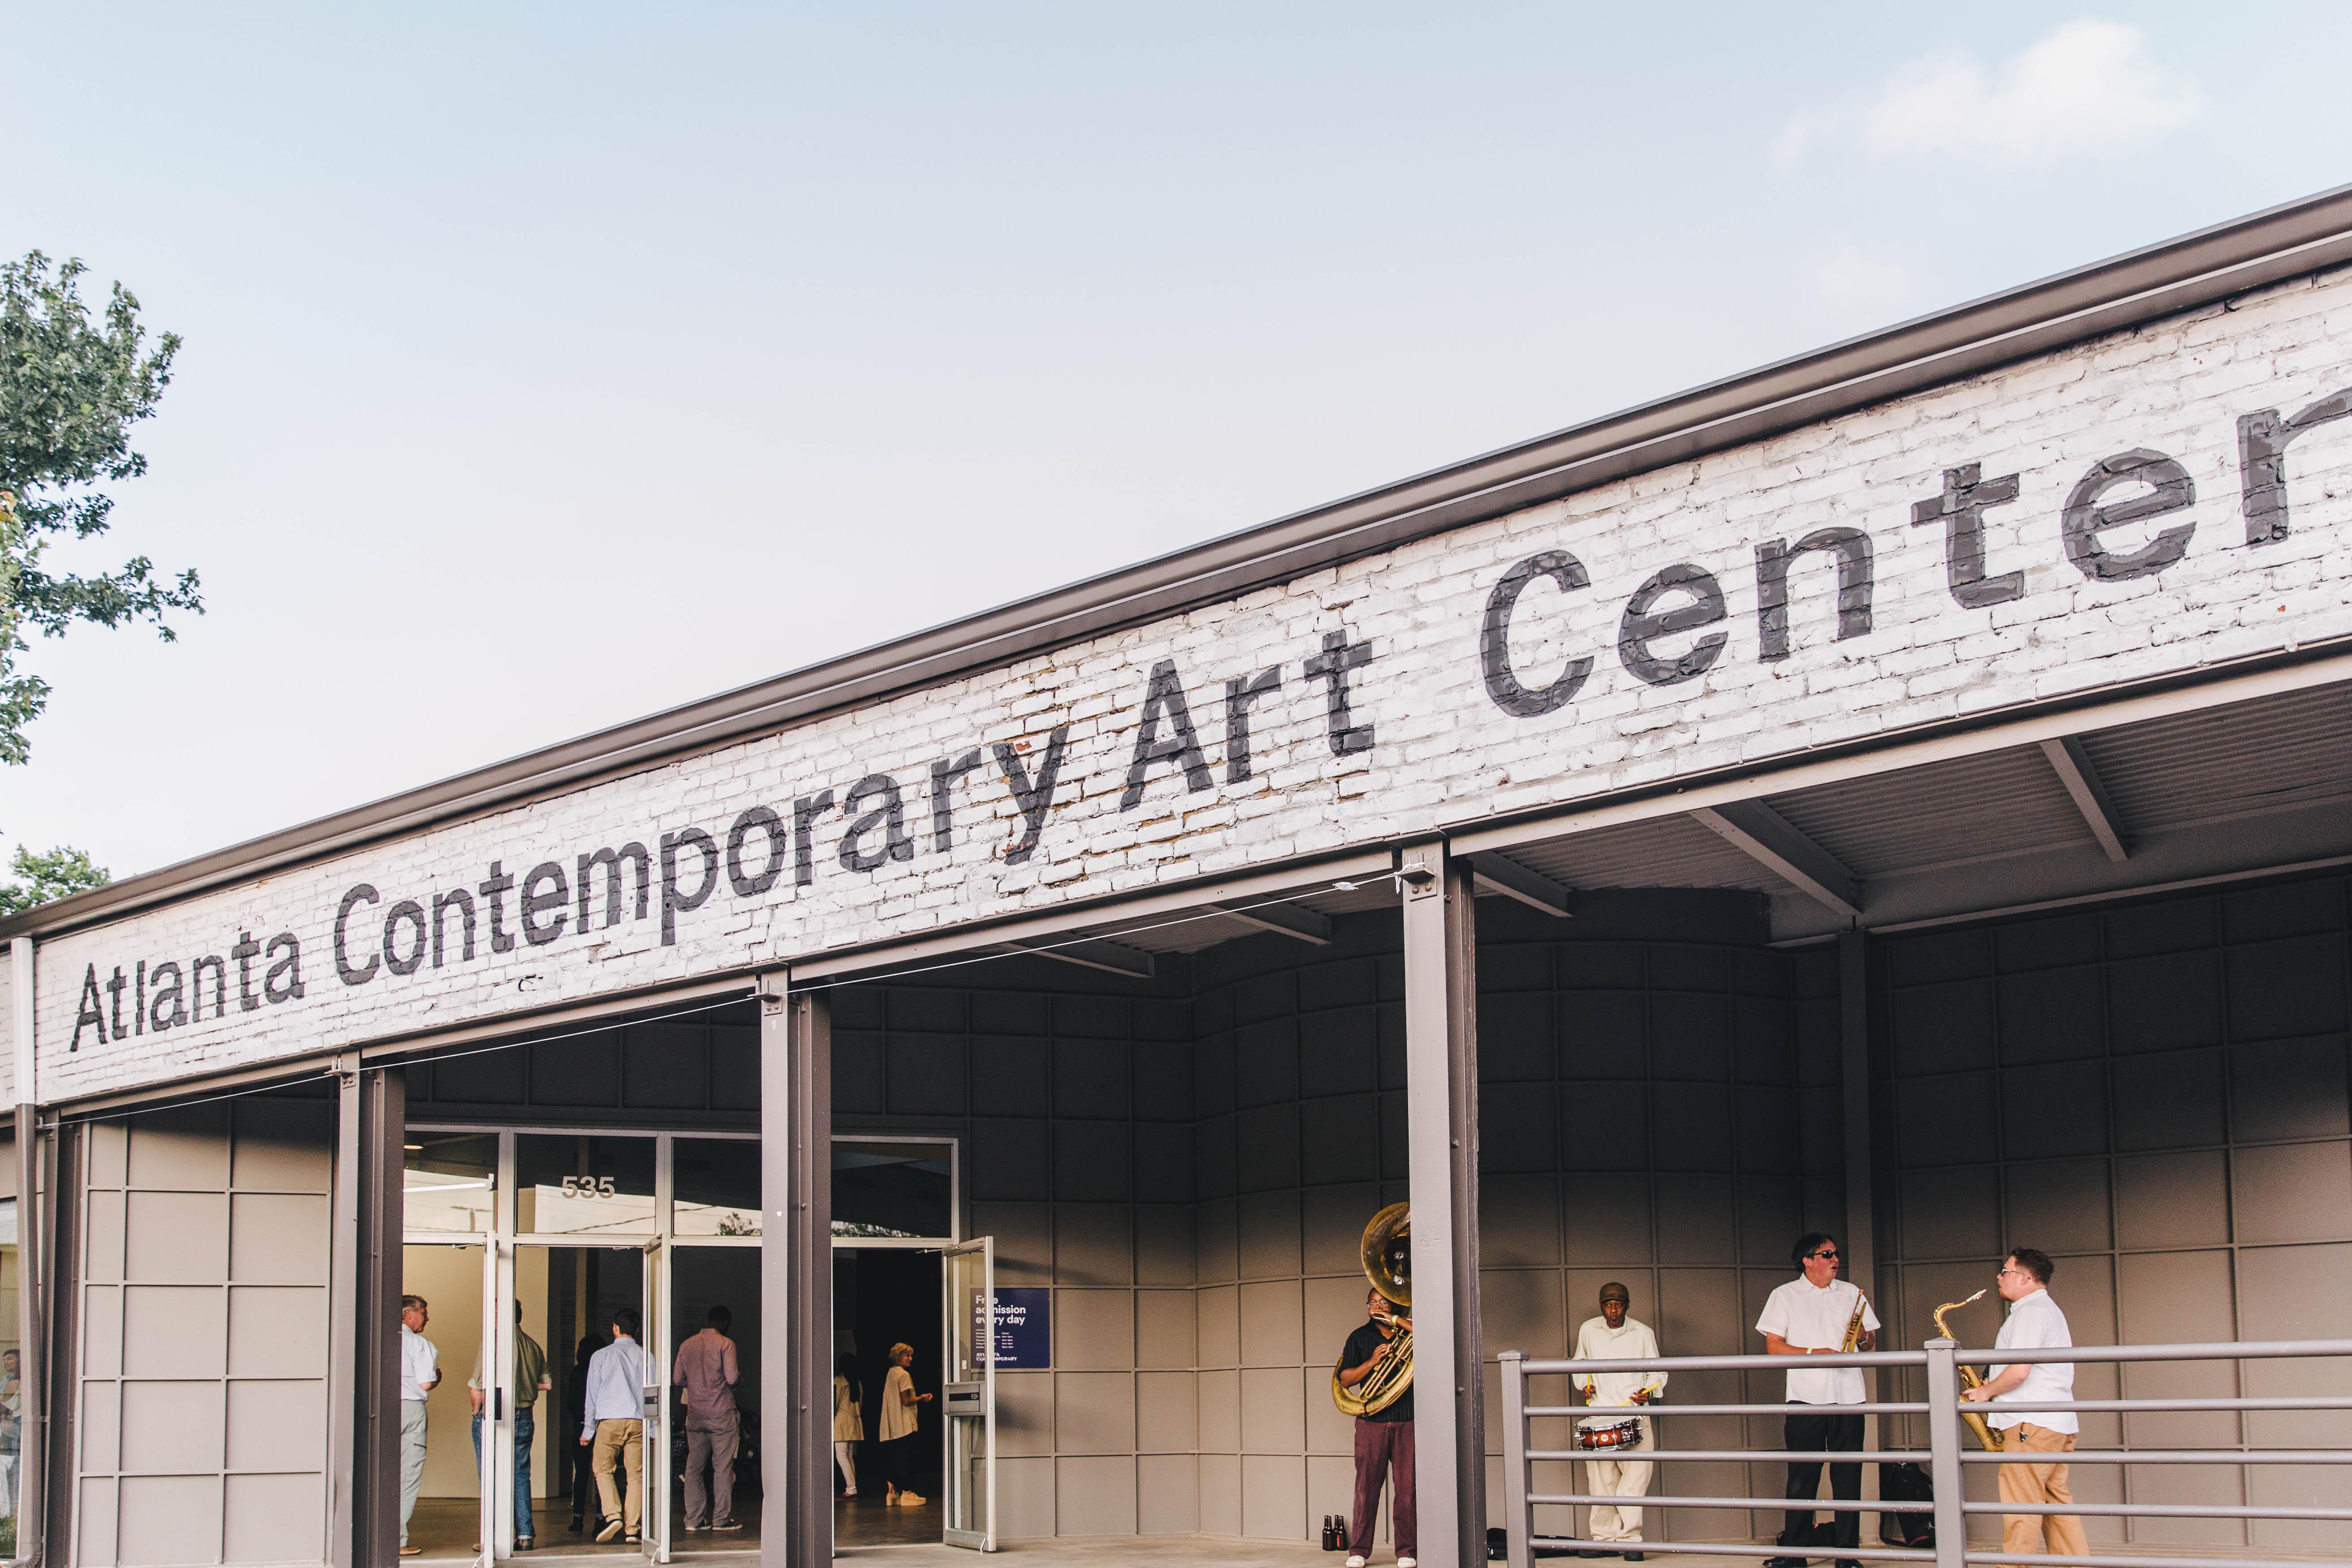 Atlanta_Contemporary Best Of Contemporary Art Museum Atlanta @koolgadgetz.com.info